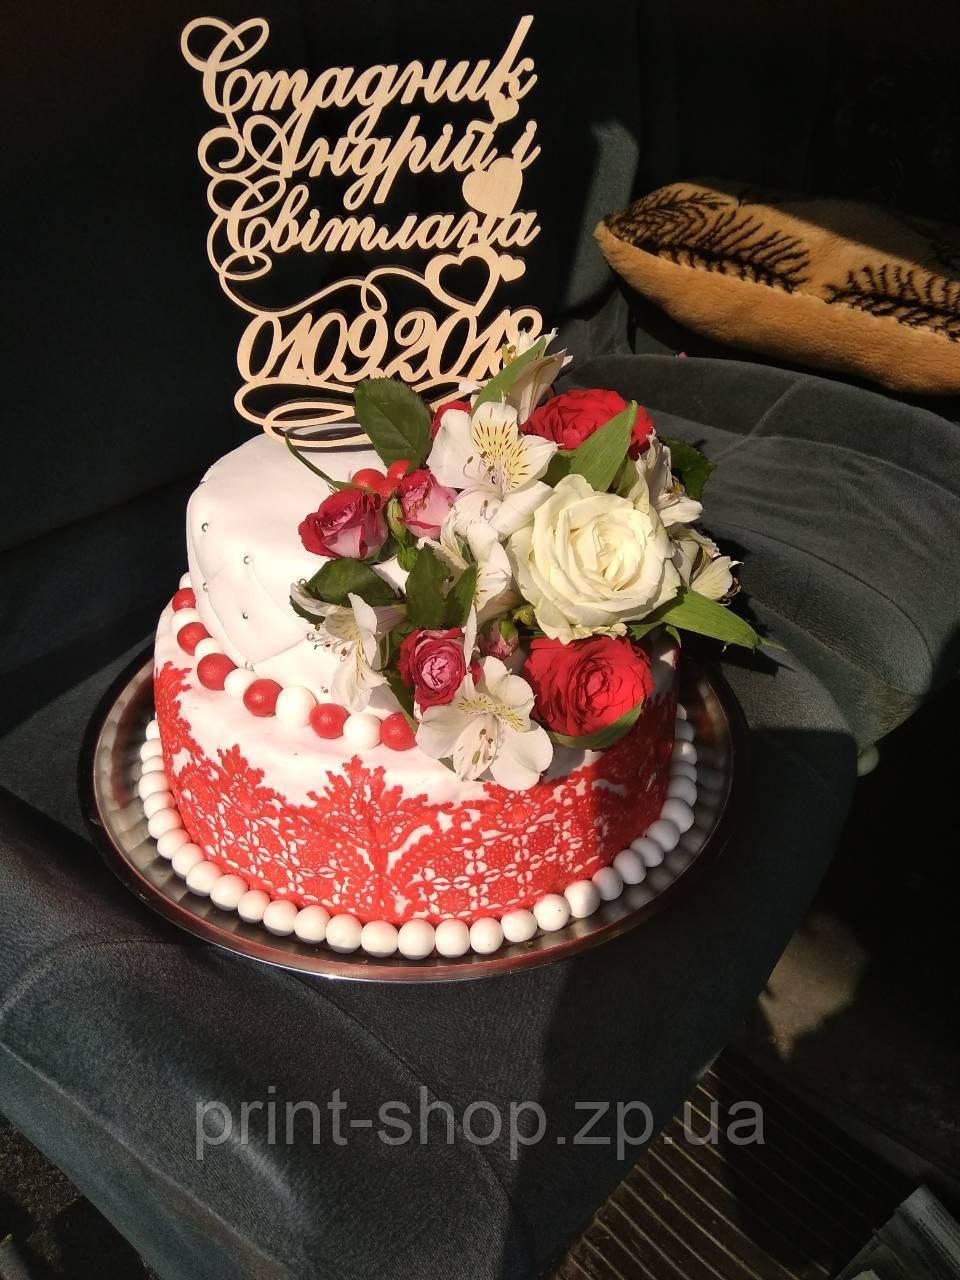 """Топпер у торт. Верхівка для весільного торта з дерева. """"Максі"""""""